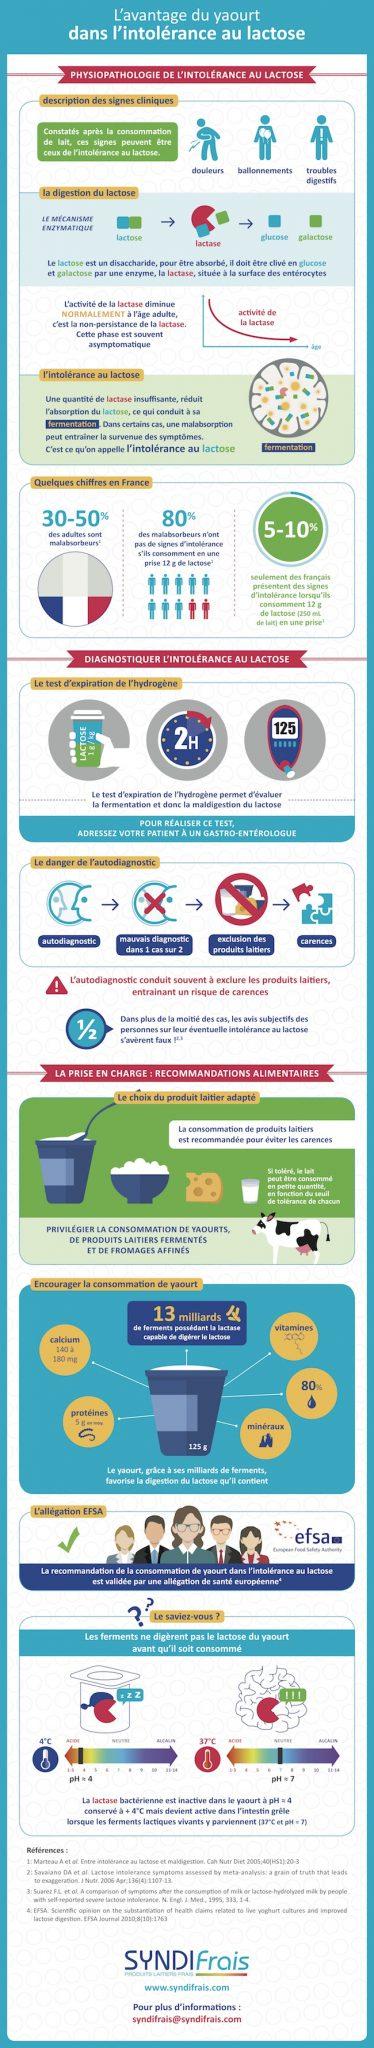 infographie intolerance au lactose